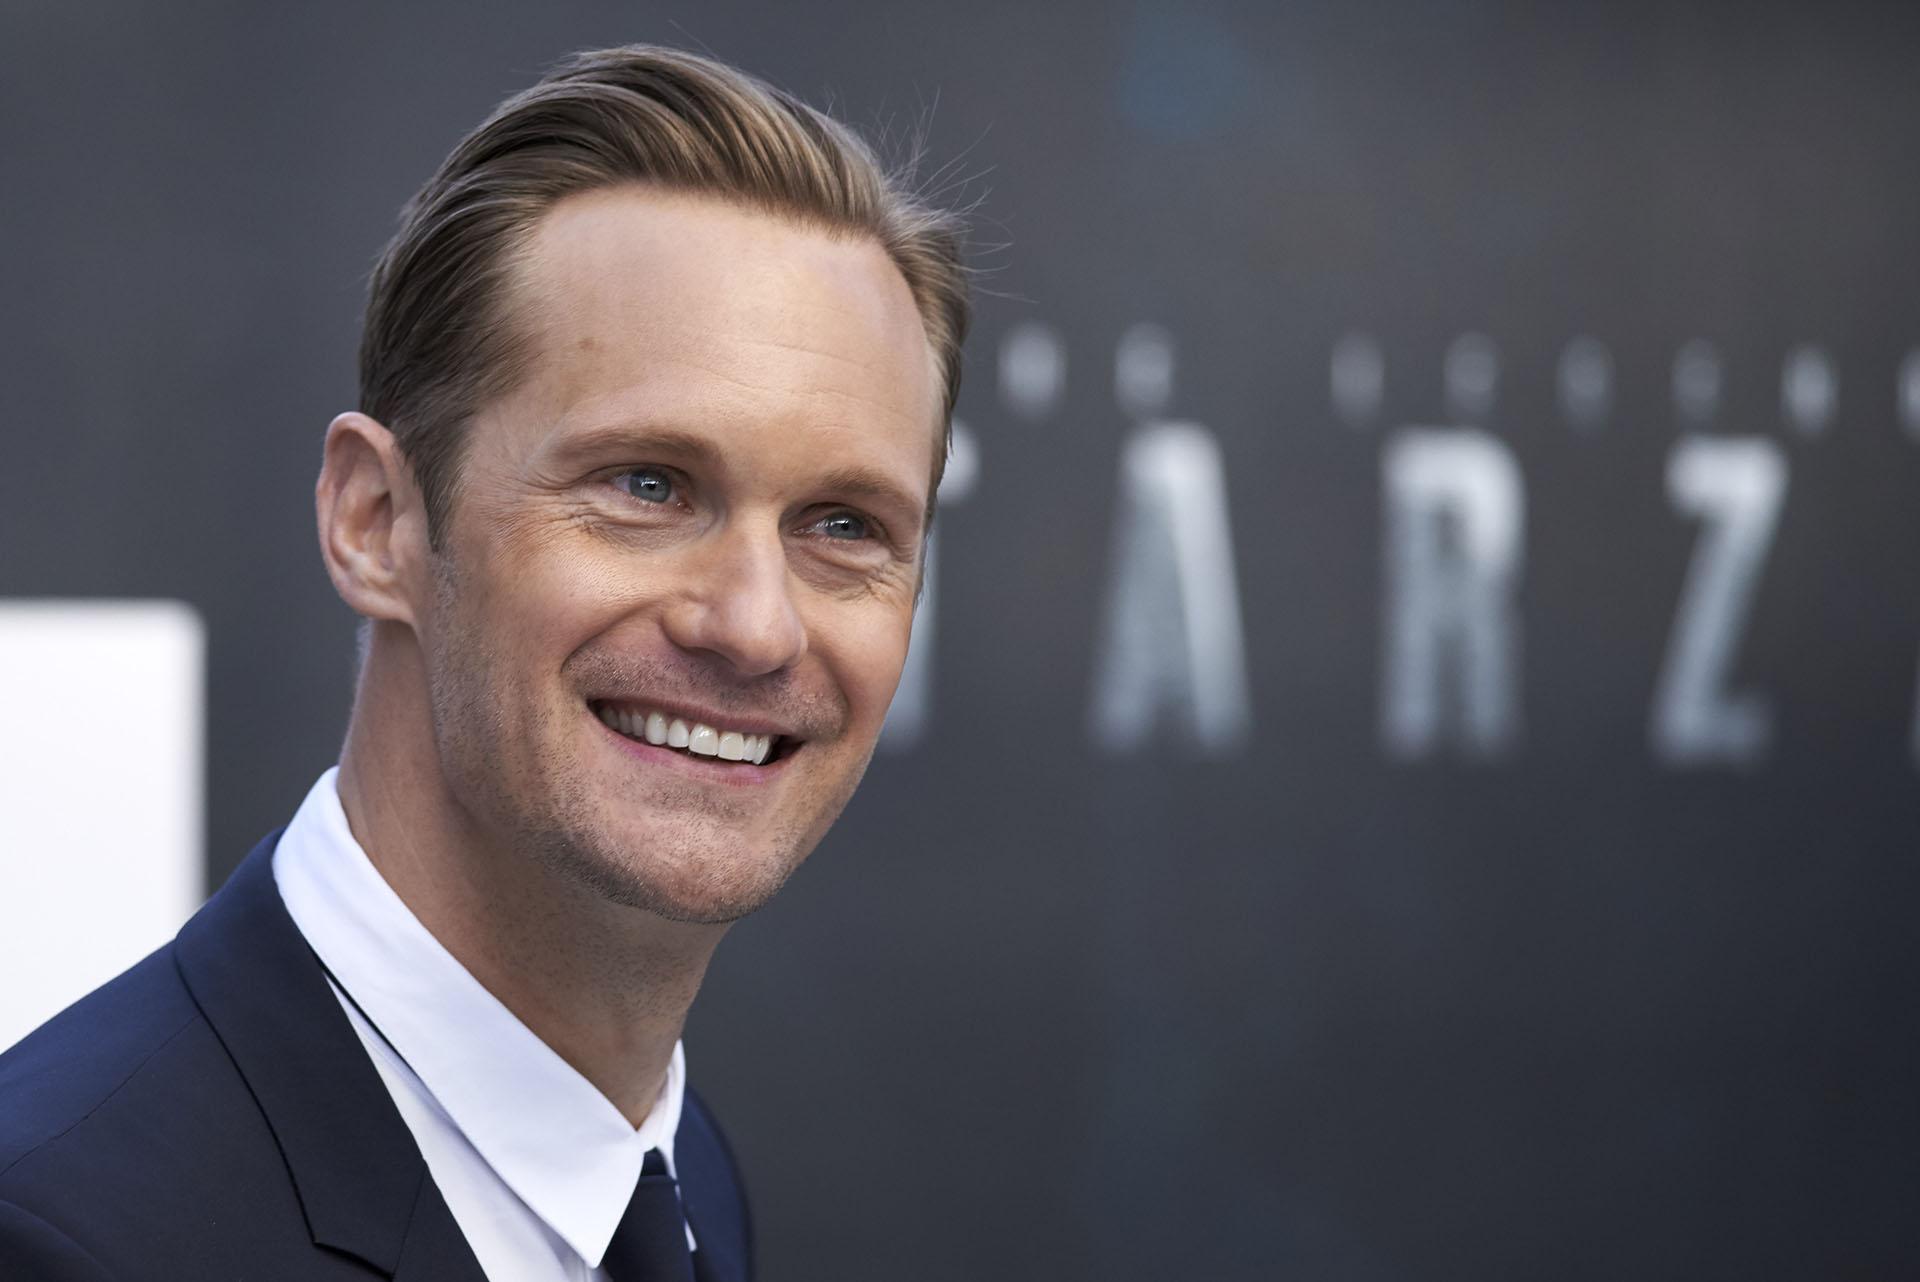 Alexander Skarsgård, el nuevo Tarzán de Hollywood